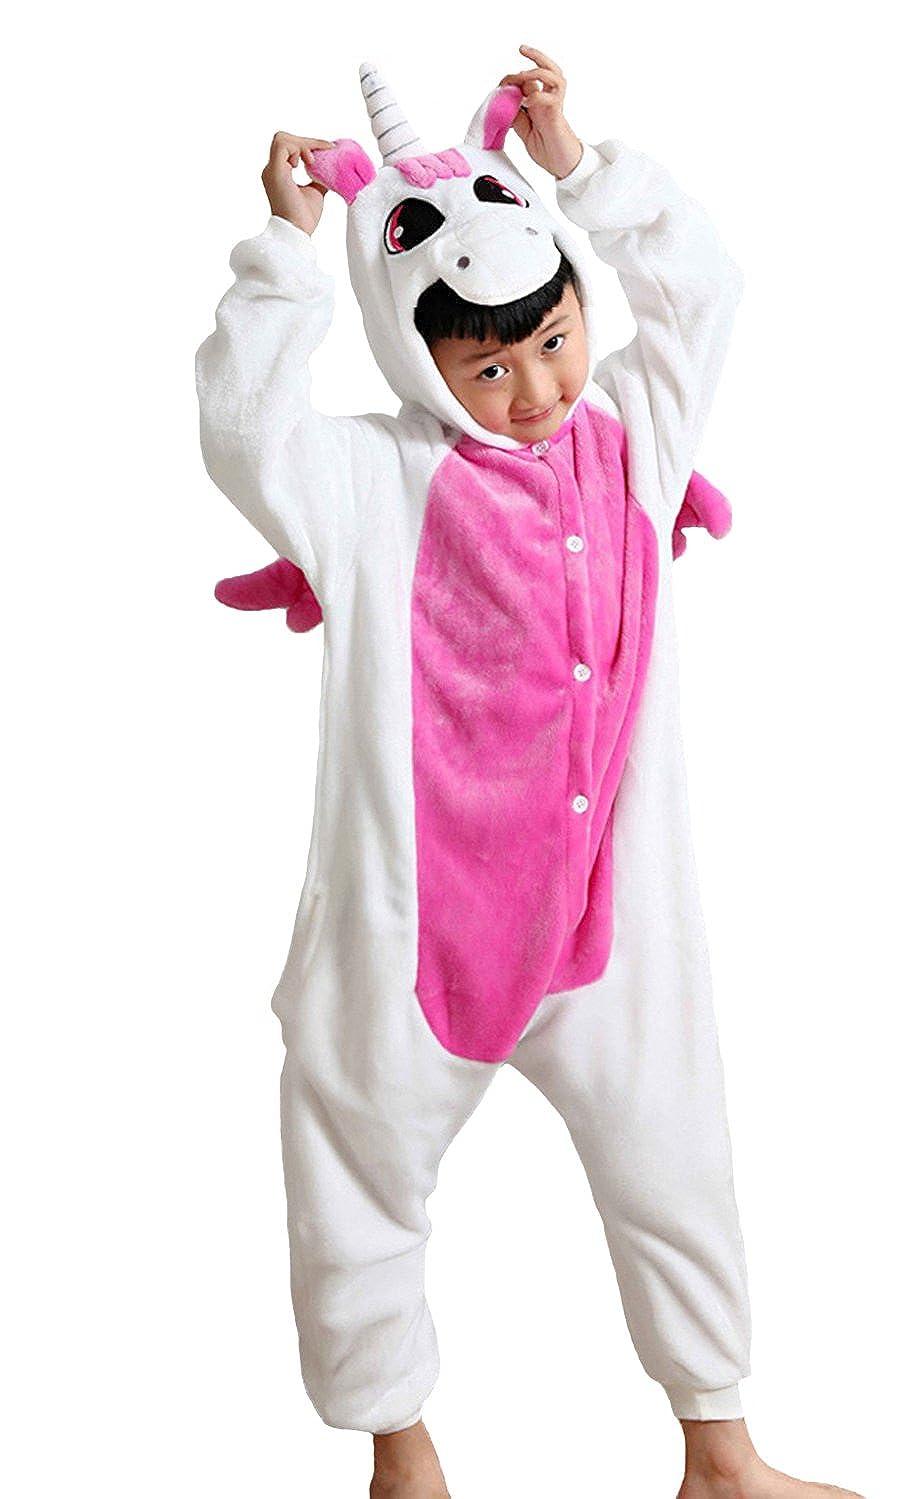 Irypulse bambini tuta tuta flanella tutina pigiama bambini Costumi Cosplay Ragazzi ragazze animale vestito